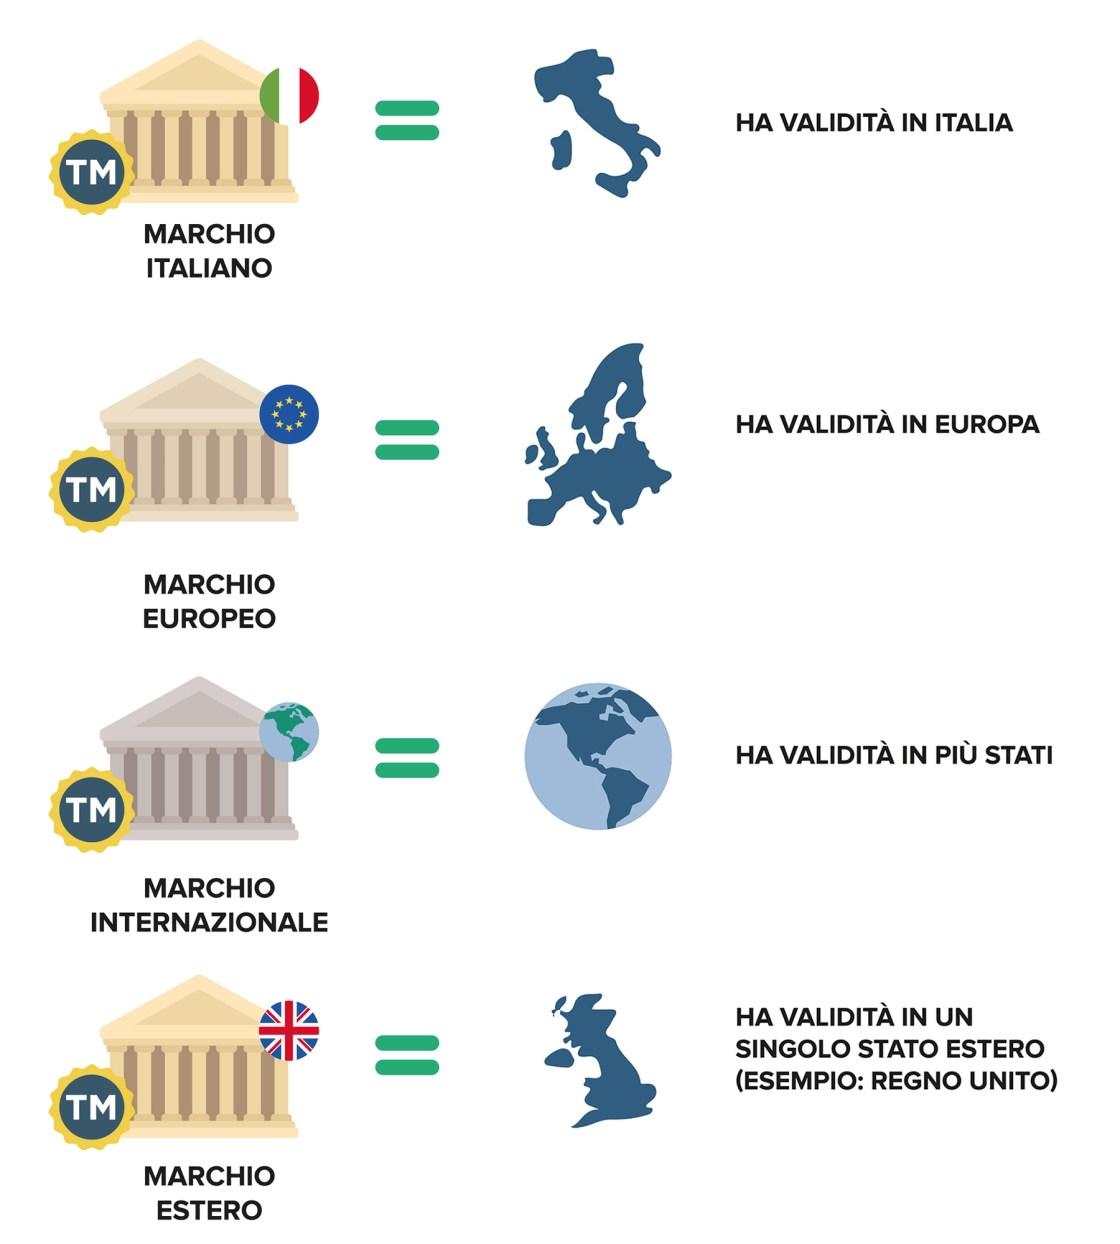 Ufficio Brevetti - Il marchio: territorialità